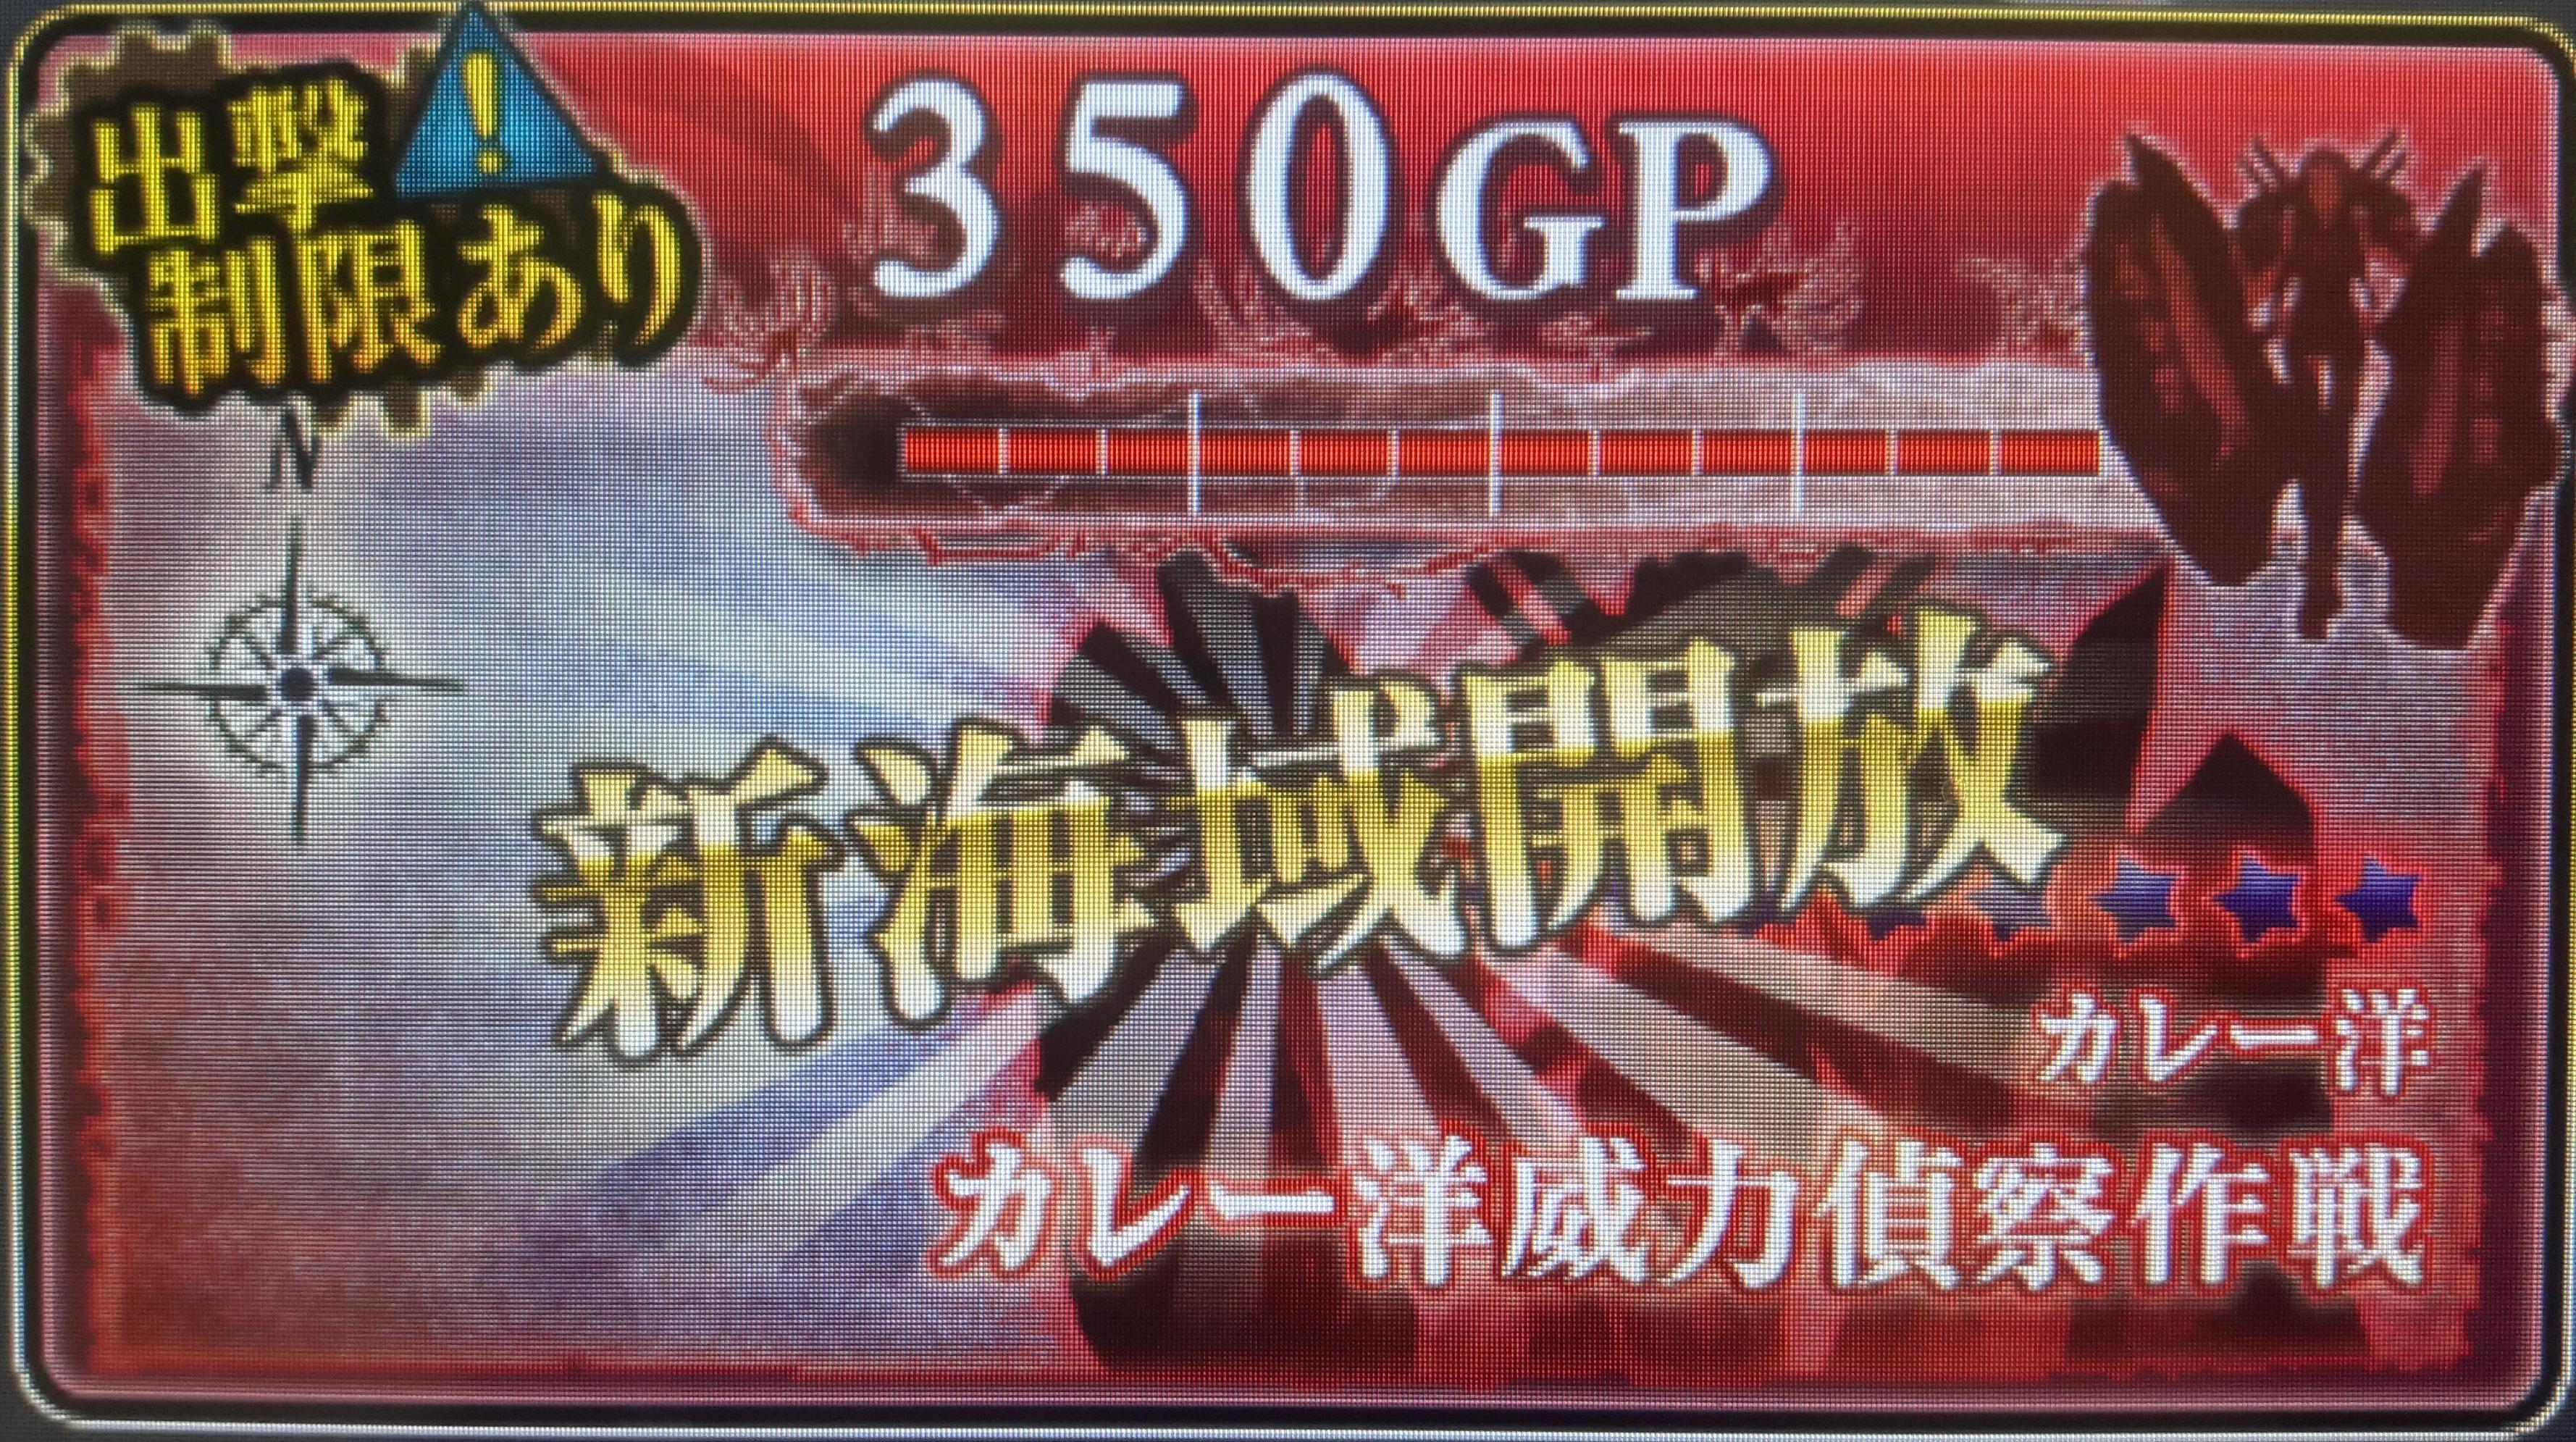 【AC】E2 カレー洋威力偵察作戦(甲作戦)攻略